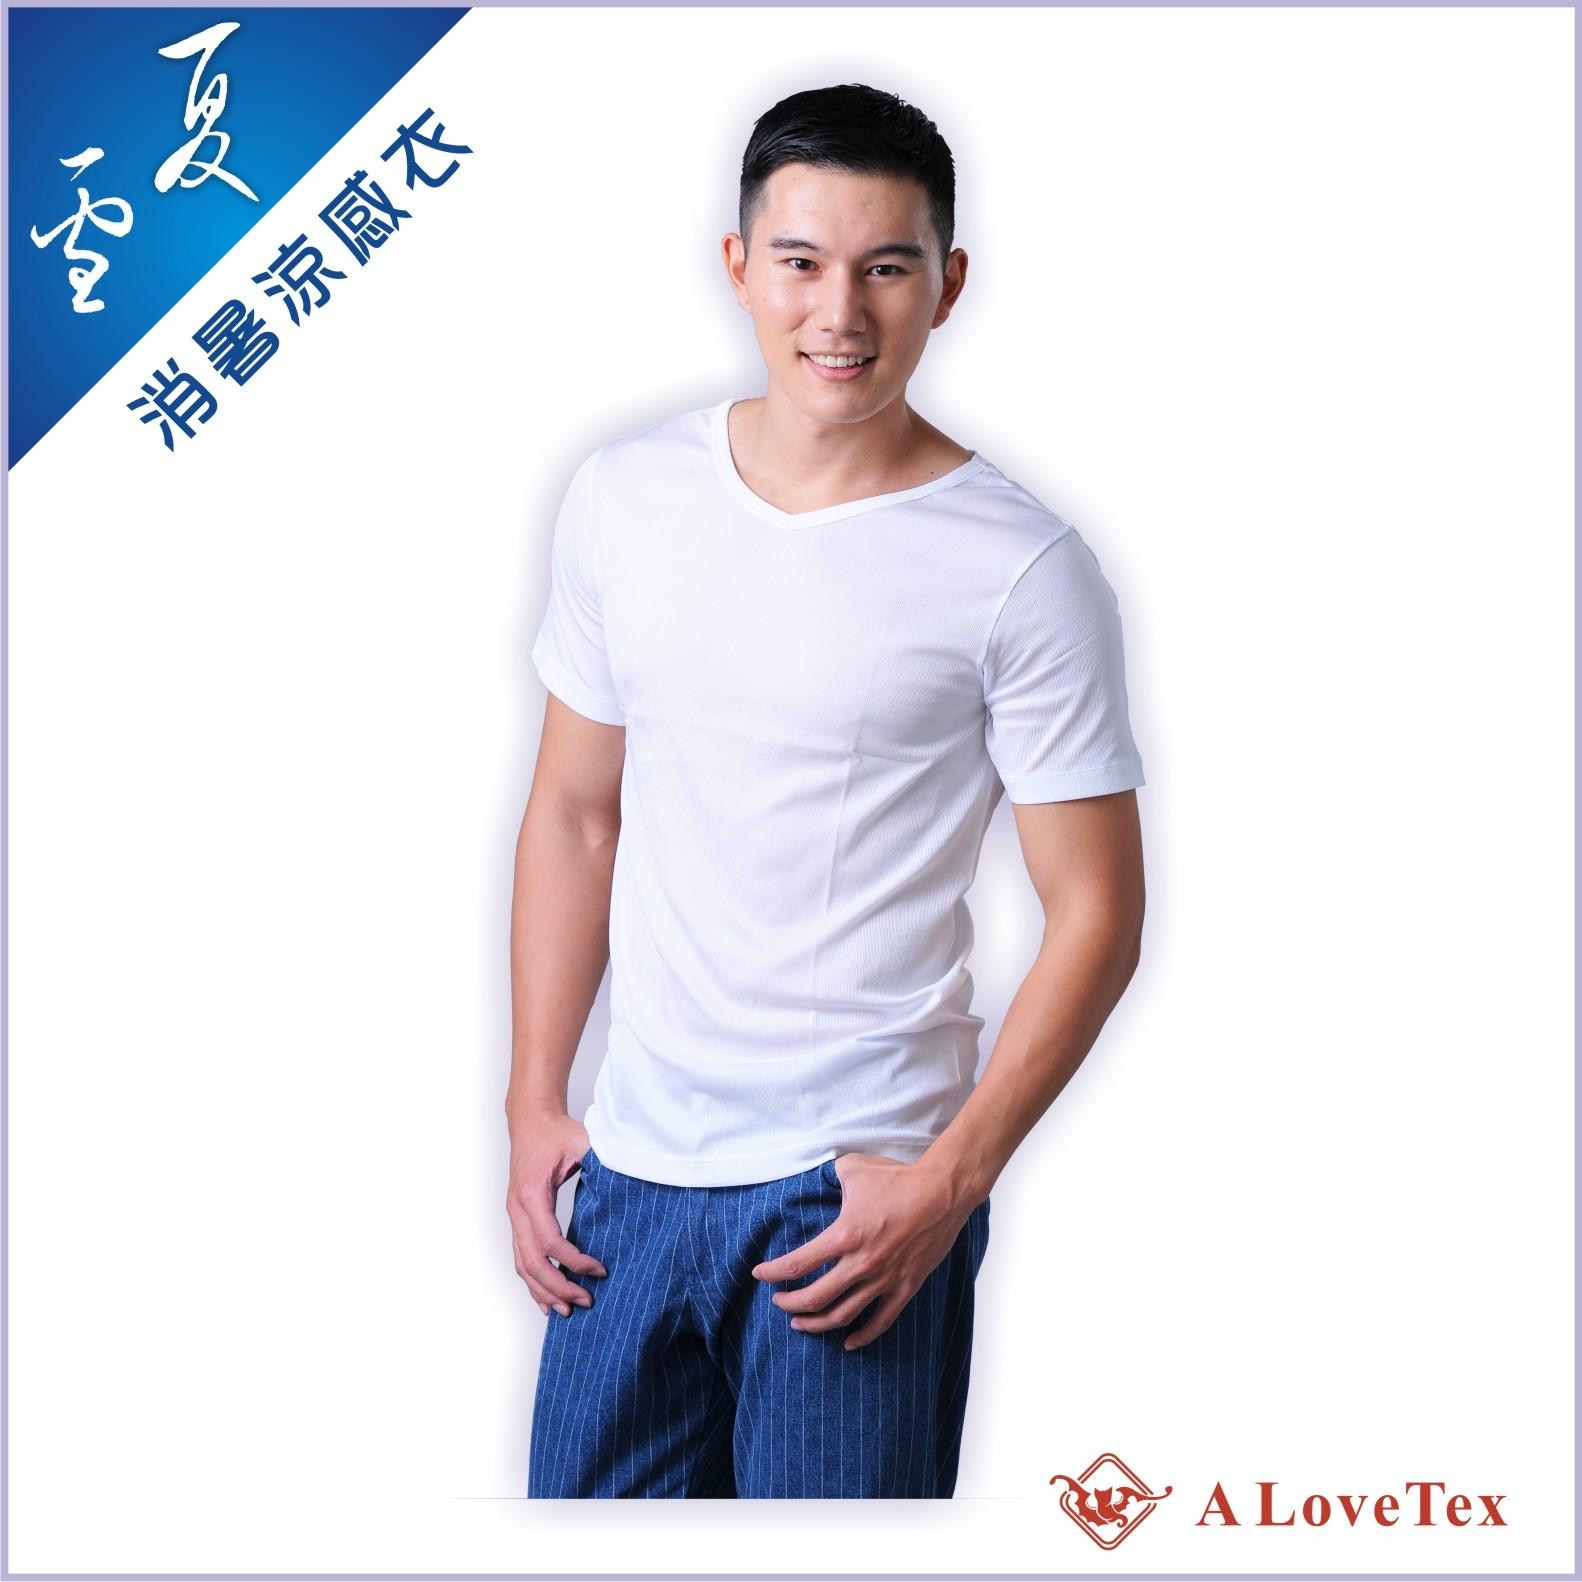 【樂福織品】夏雪 消暑涼感短袖上衣 – 男 白色尖領